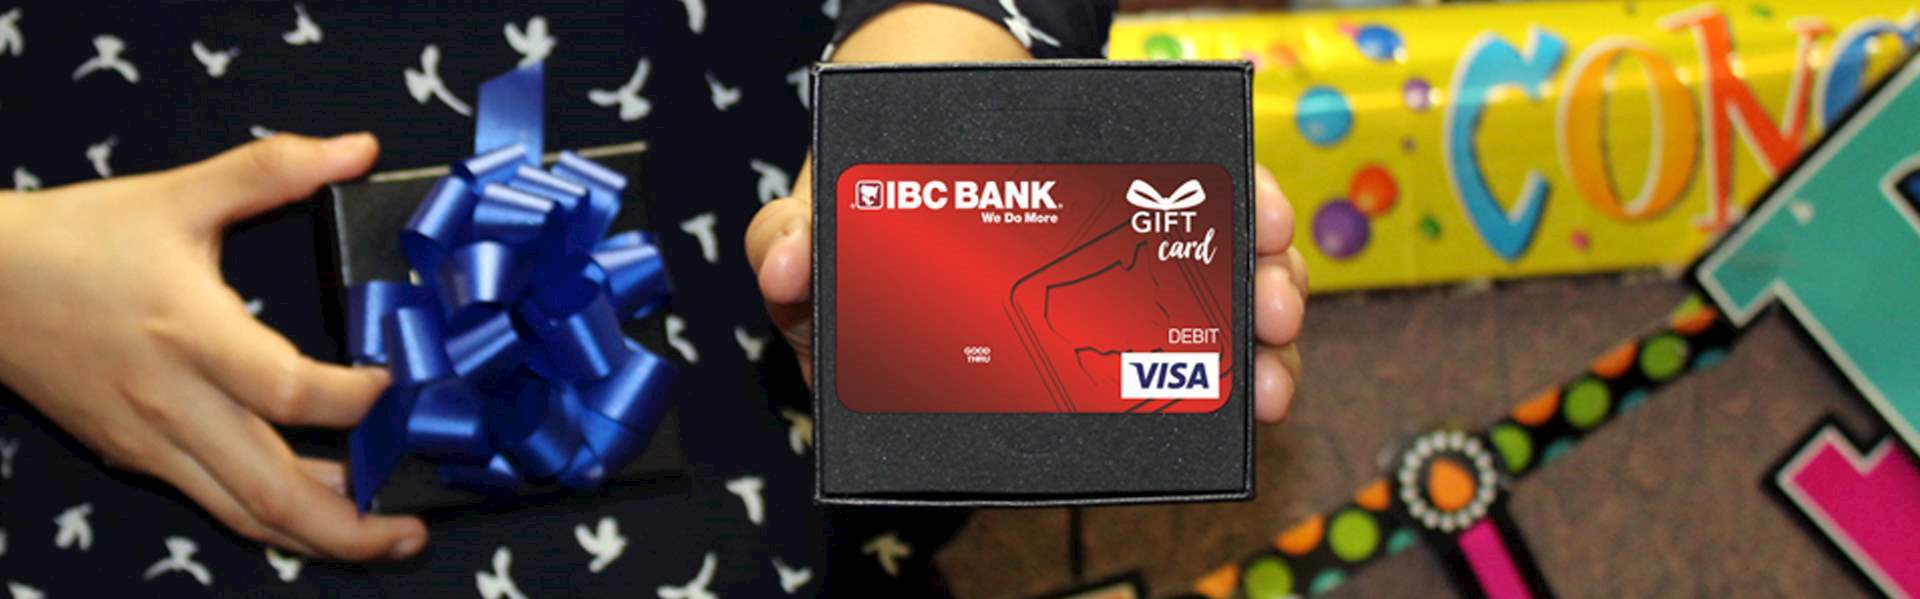 IBC Bank IBC Visa Gift Card